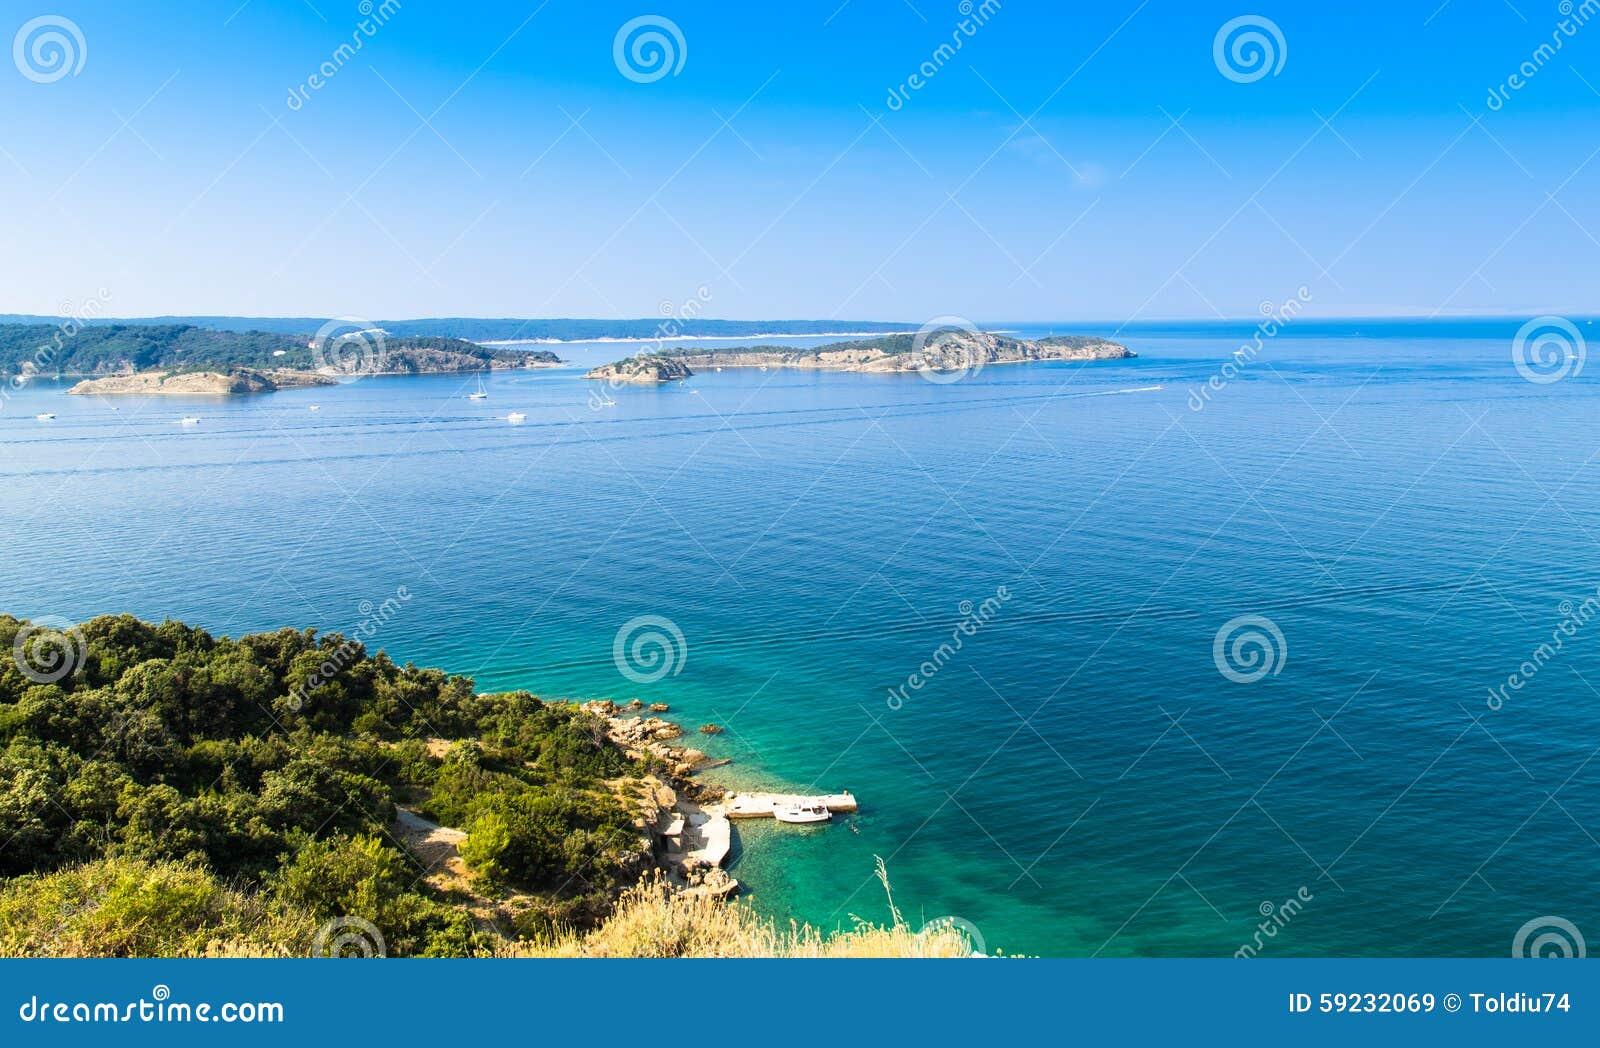 Download El Mar Cristalino Que Rodea La Isla De Rab, Croacia Imagen de archivo - Imagen de relaje, sueño: 59232069